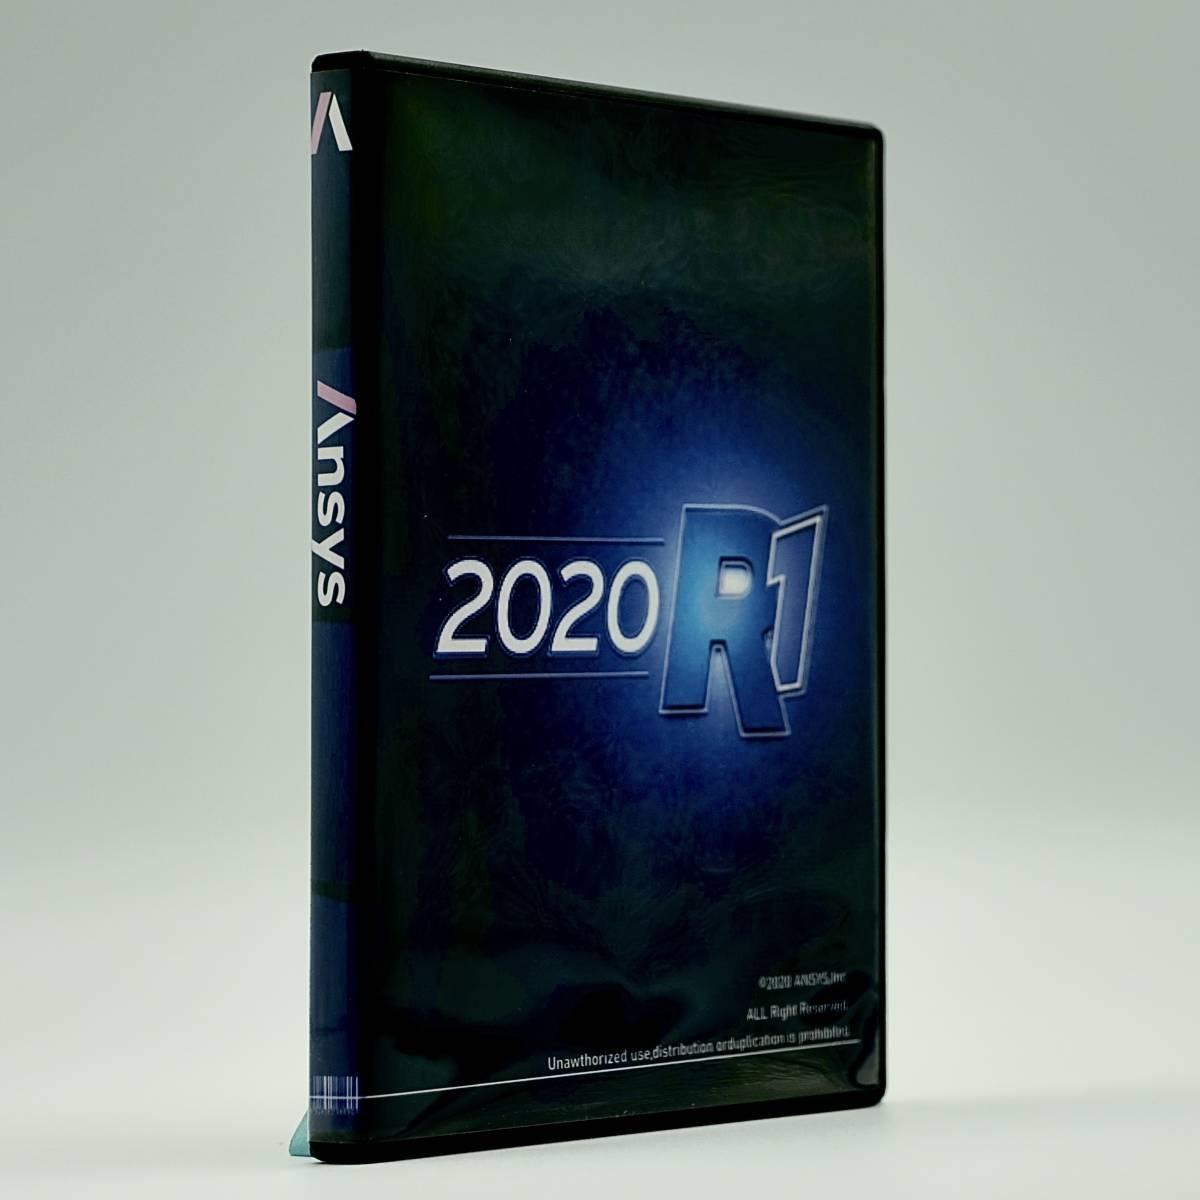 【限定特別出品】ANSYS 2020 R1 + Catia V5 R21 サンプルモデリング付き 日本語/多言語